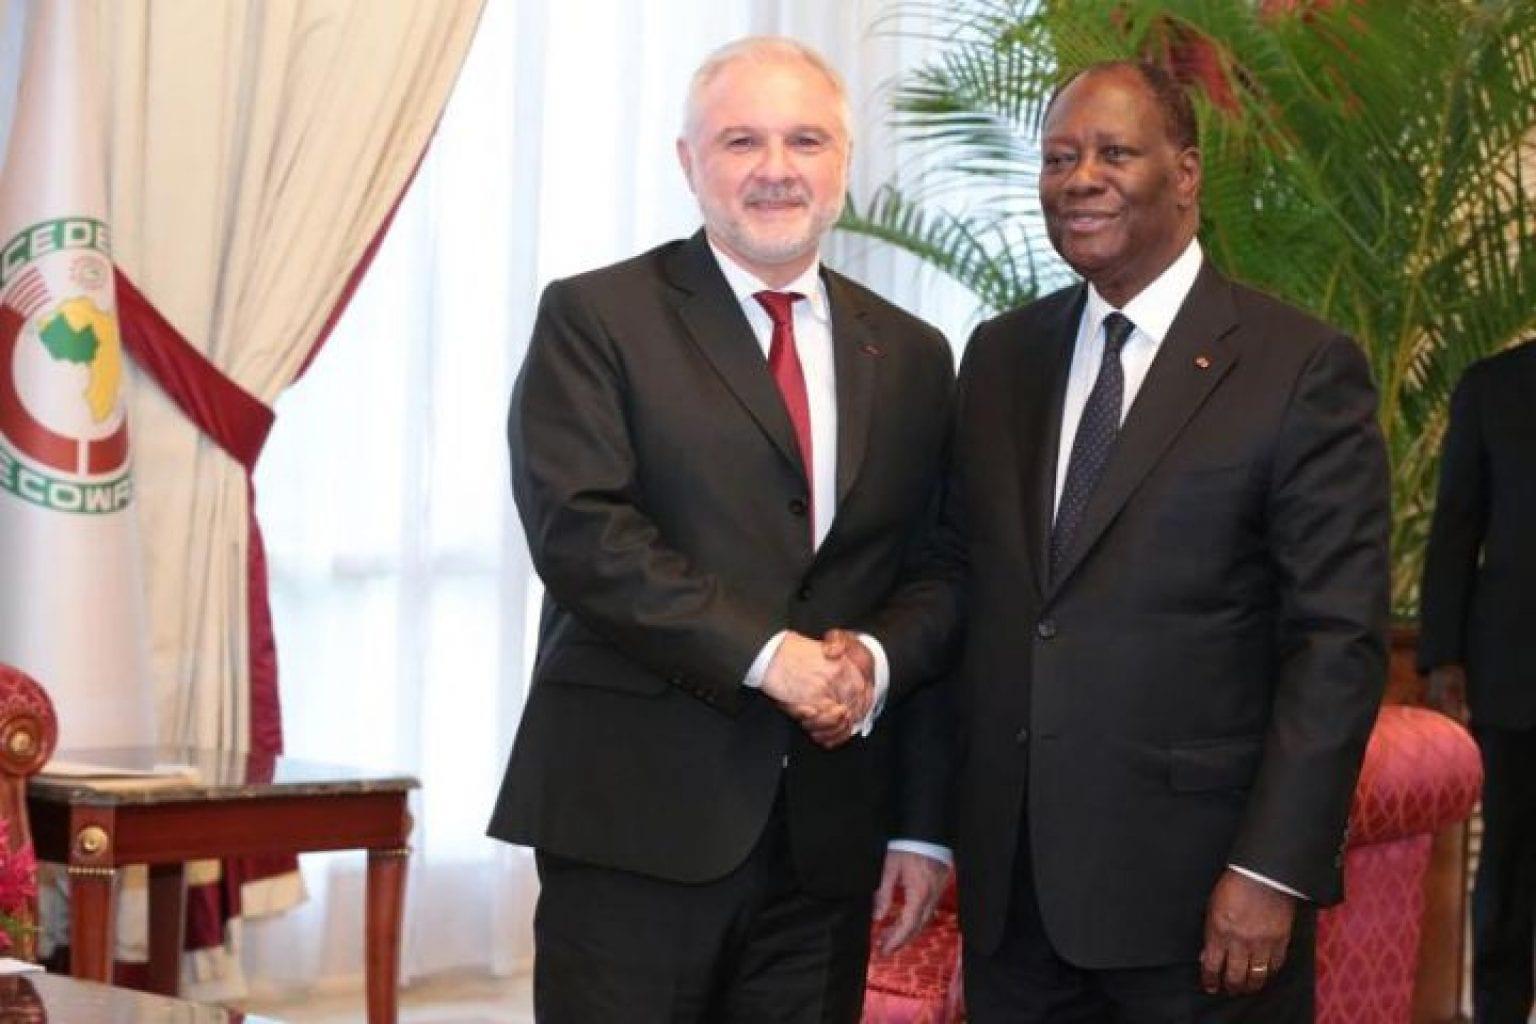 Pourquoi Macron rappelle Gilles Huberson, ambassadeur de France à Abidjan, à Paris ?